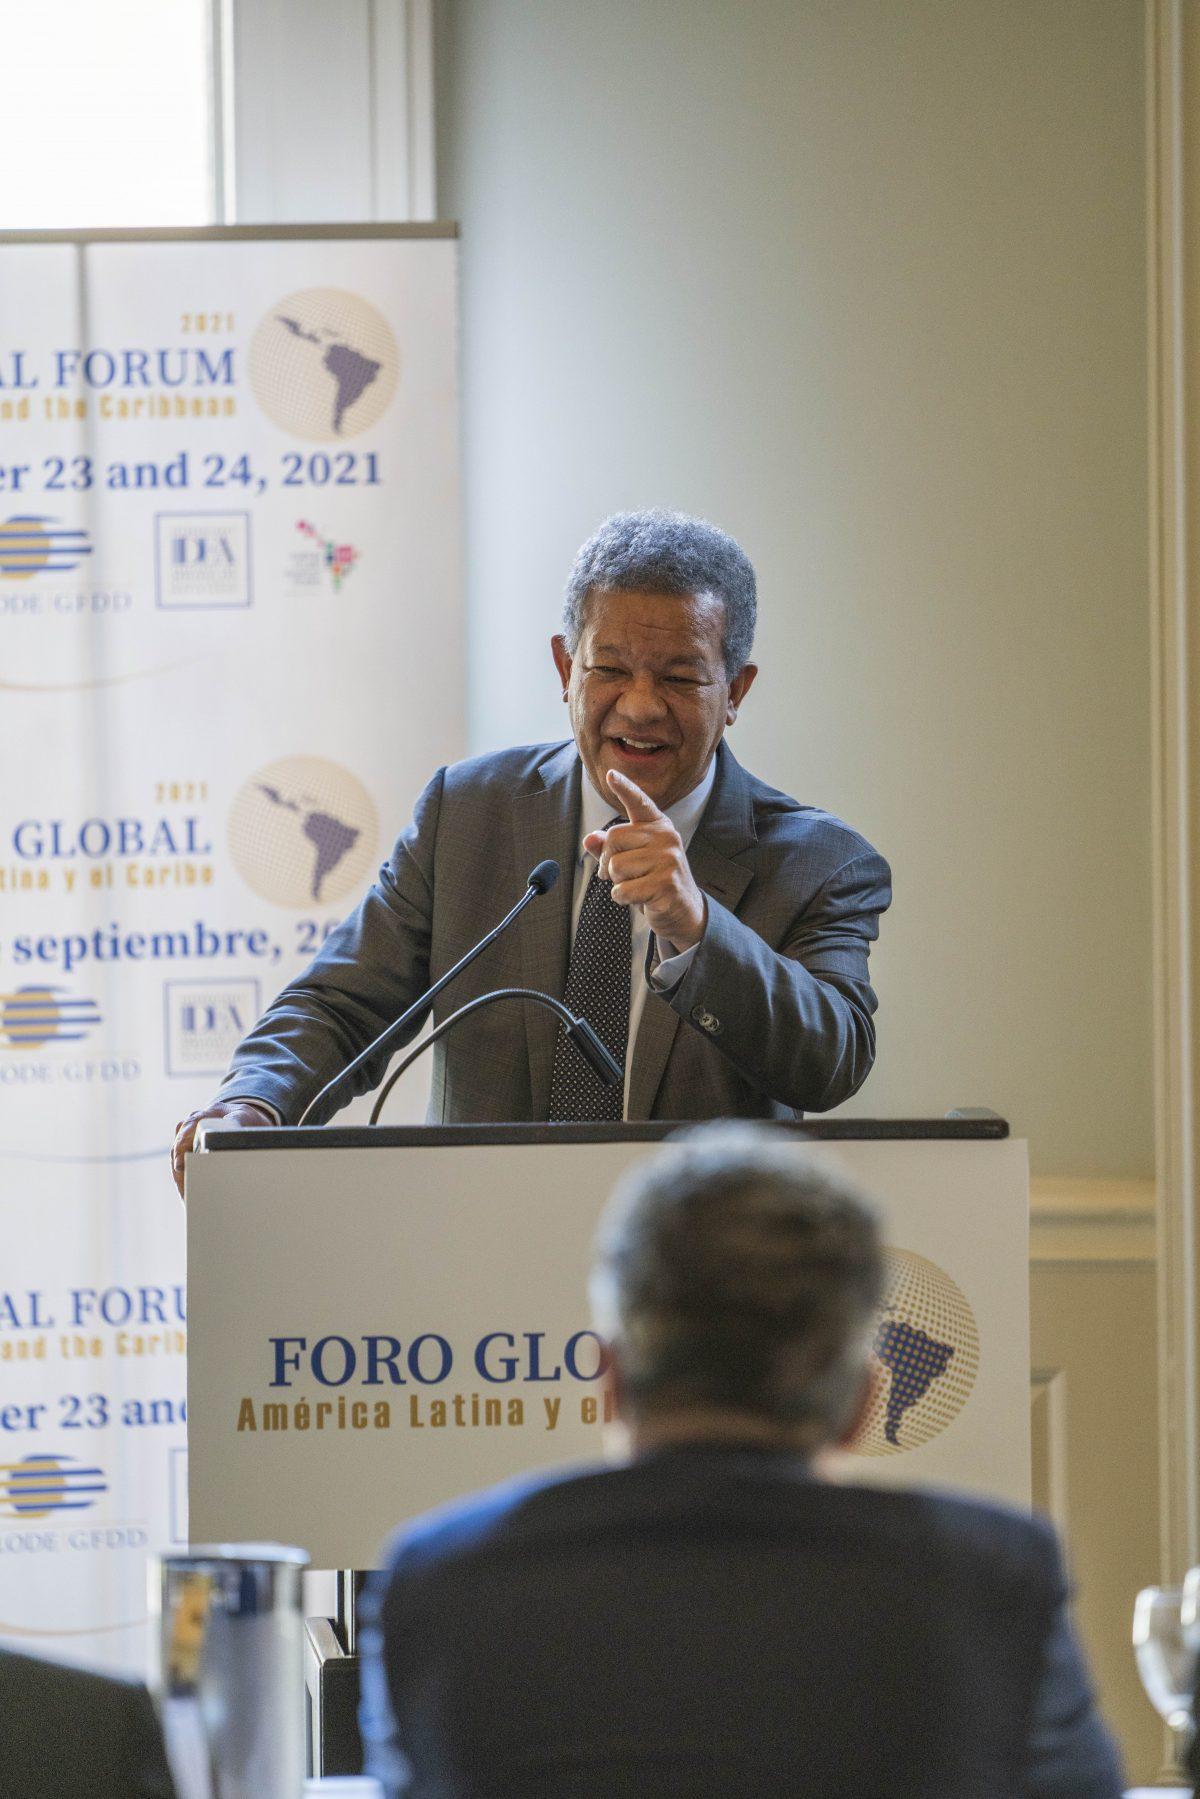 Foro global concluye con vehemente llamado a integración regional para enfrentar problemática de América Latina y el Caribe